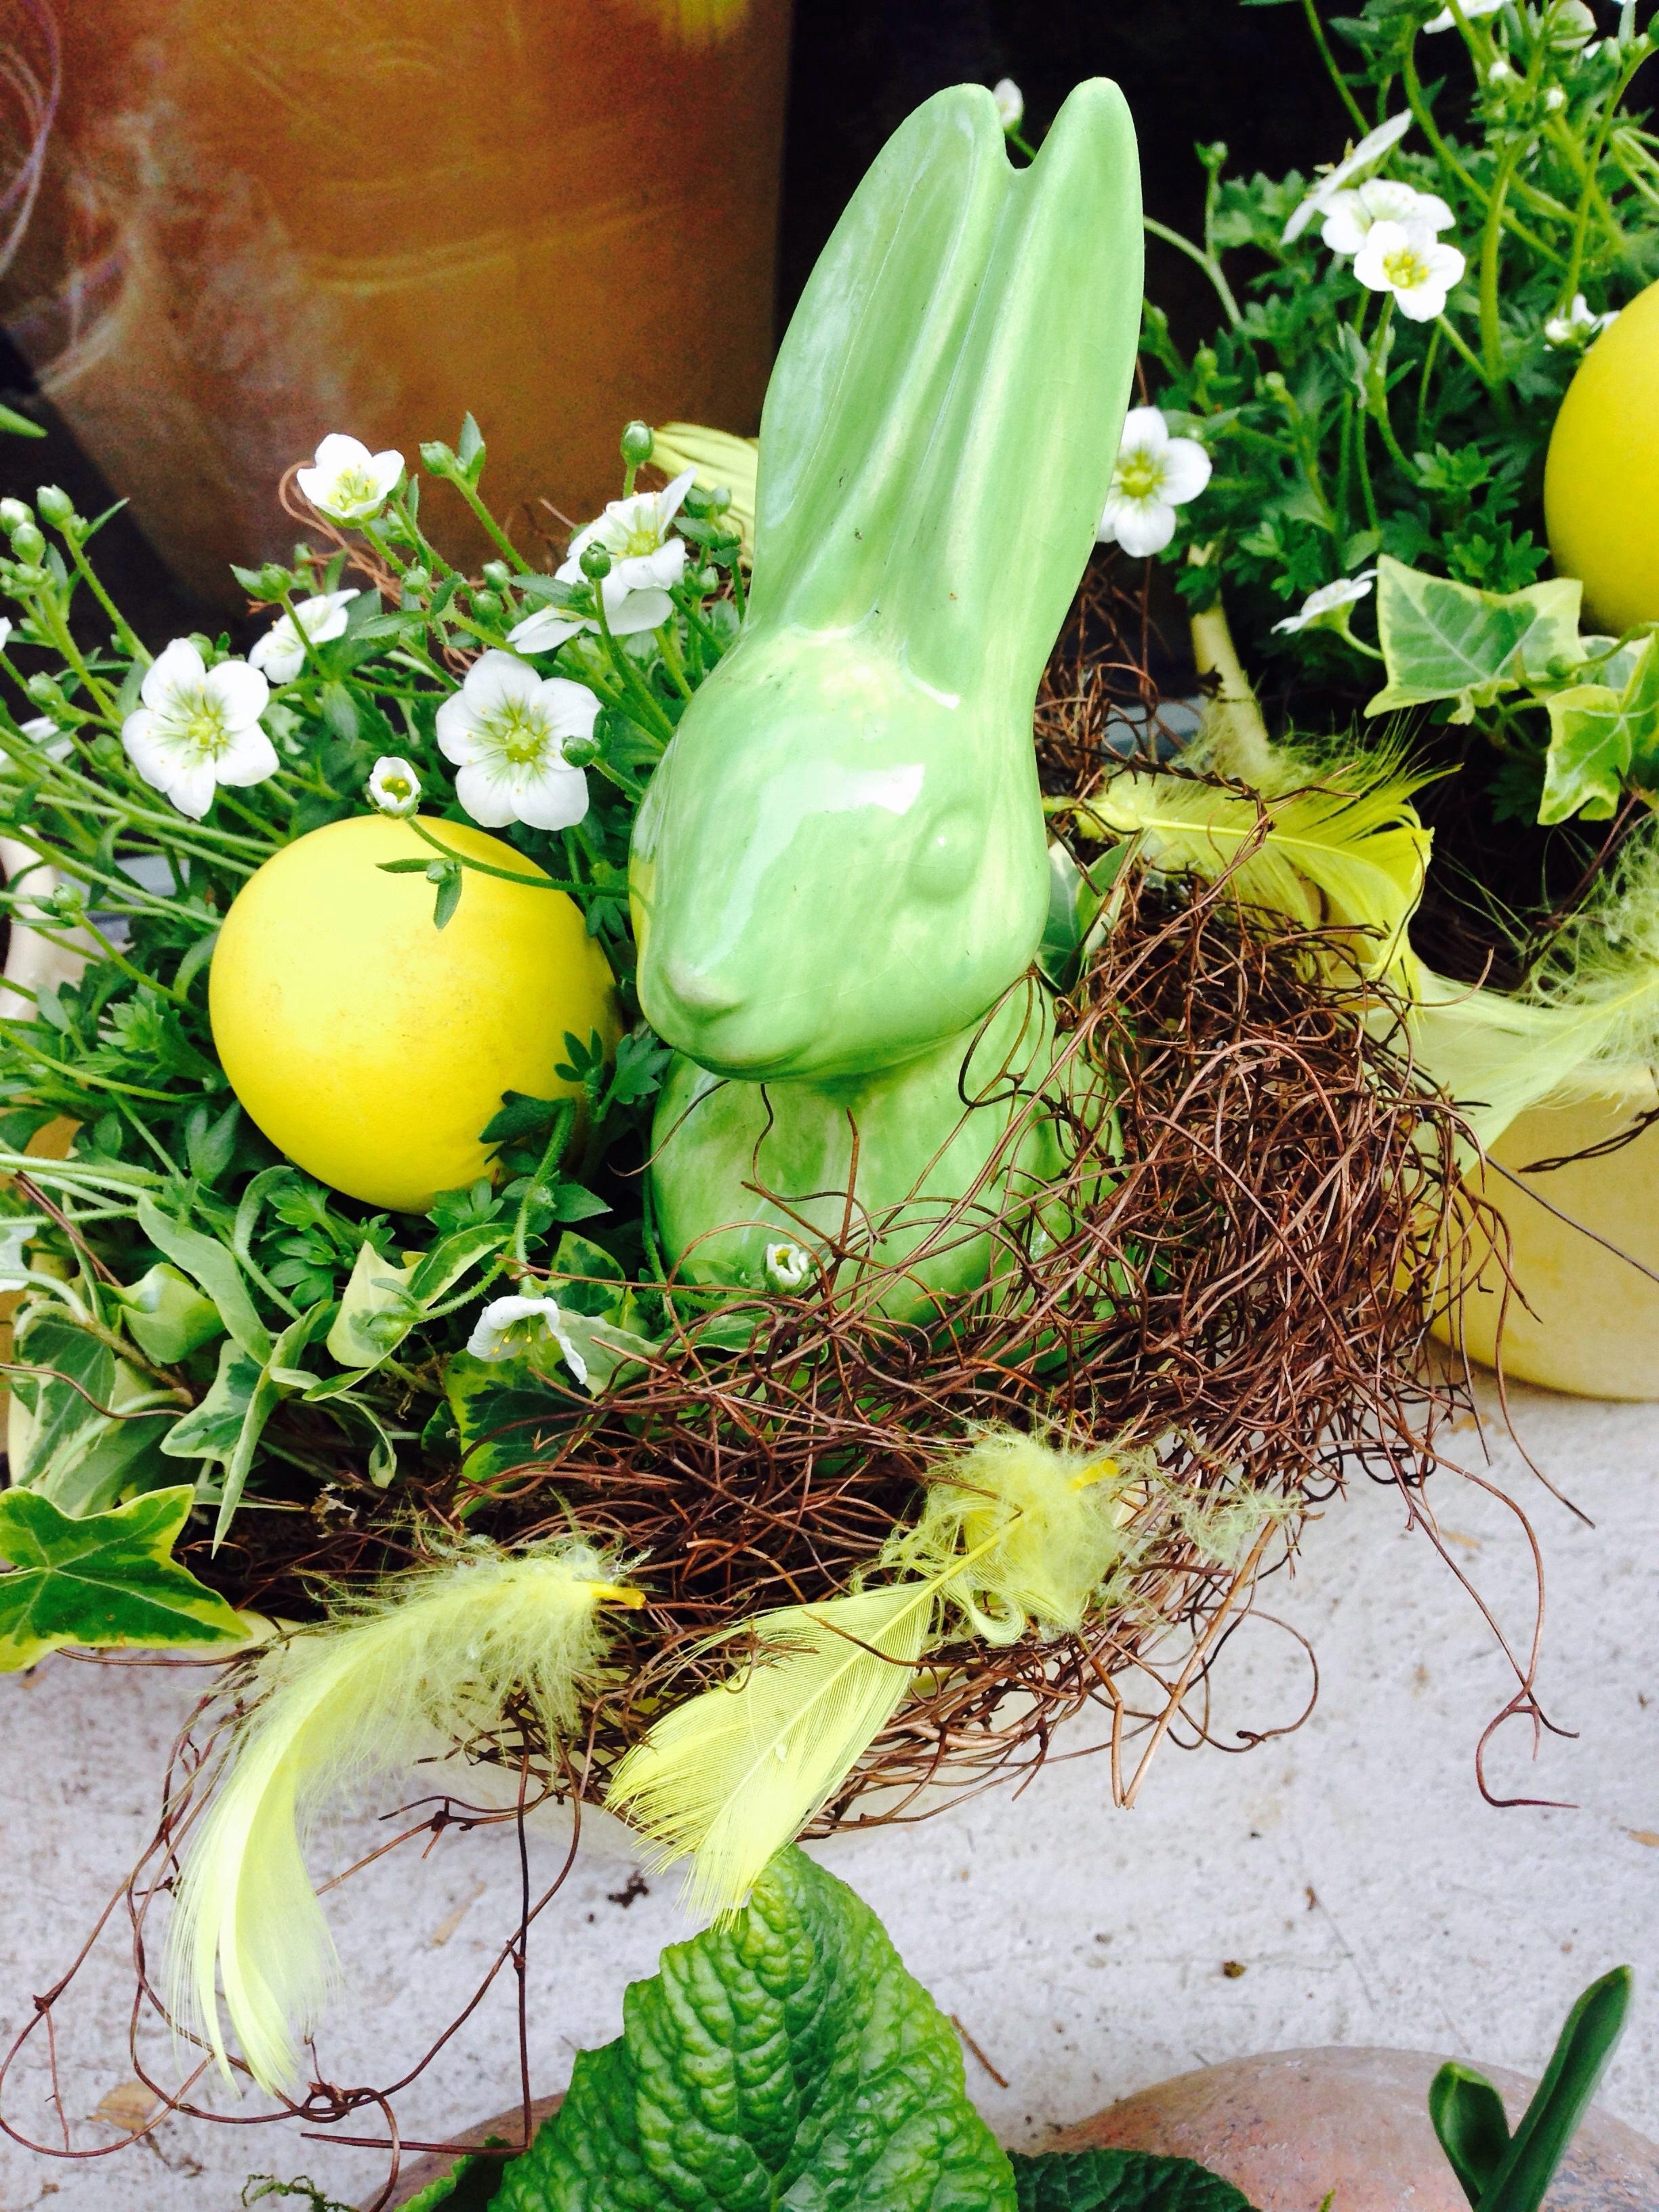 Gambar Rumput Menanam Makanan Musim Semi Hijau Herba